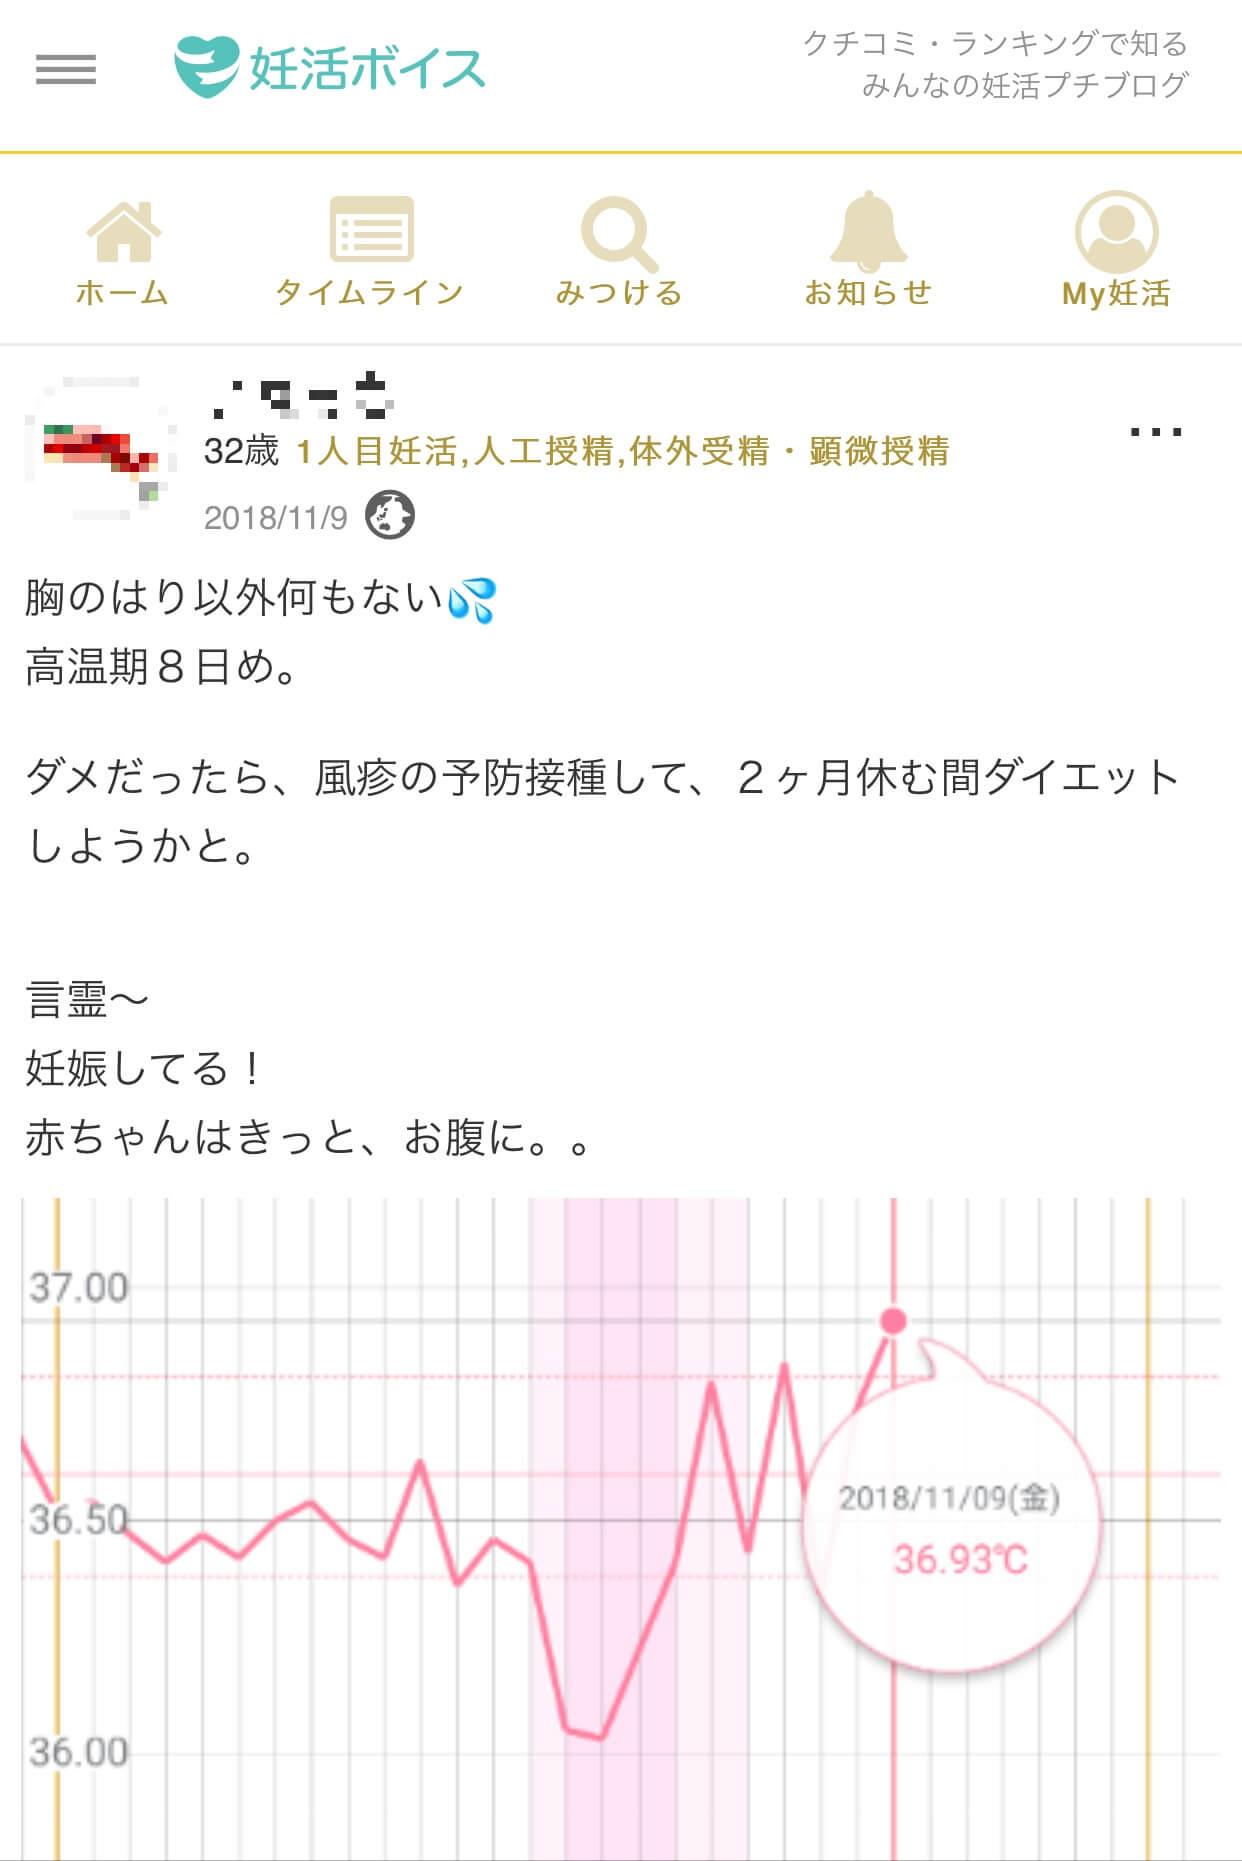 体温上がる 高温期14日目